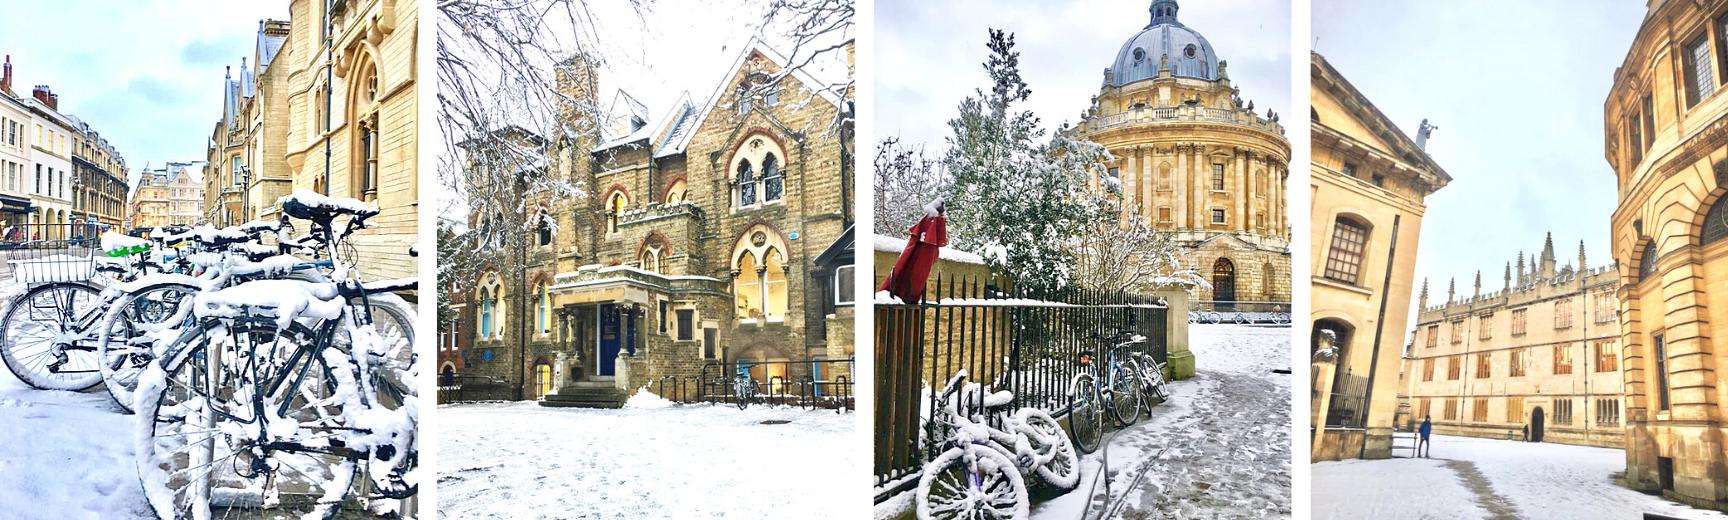 Winter scenes in Oxford